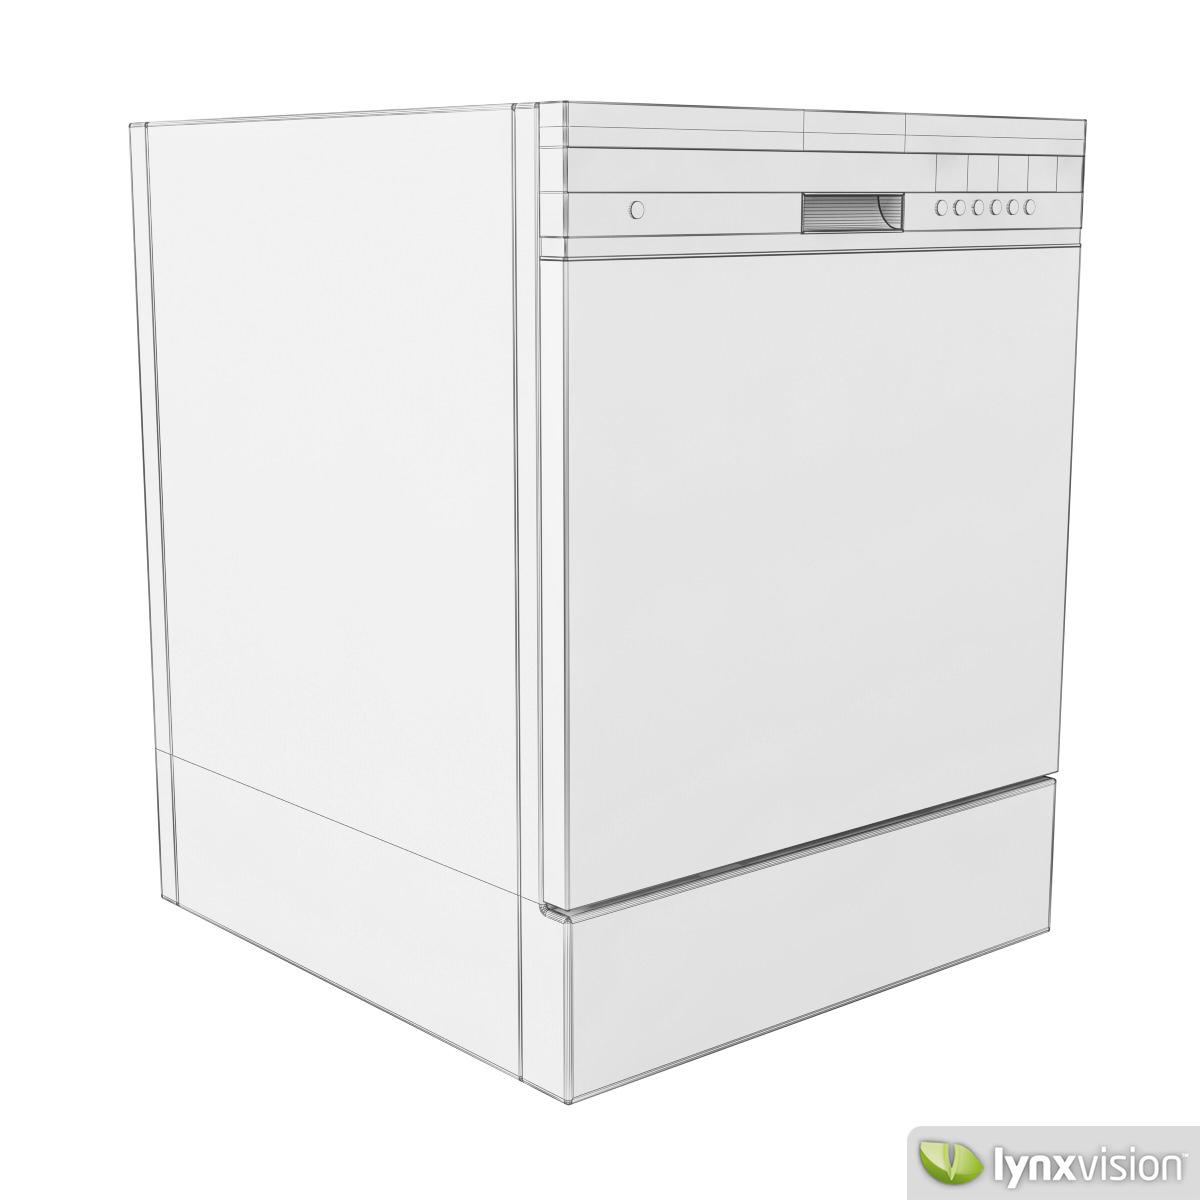 Electrolux Dishwasher 3d Model Max Obj Fbx Cgtrader Com